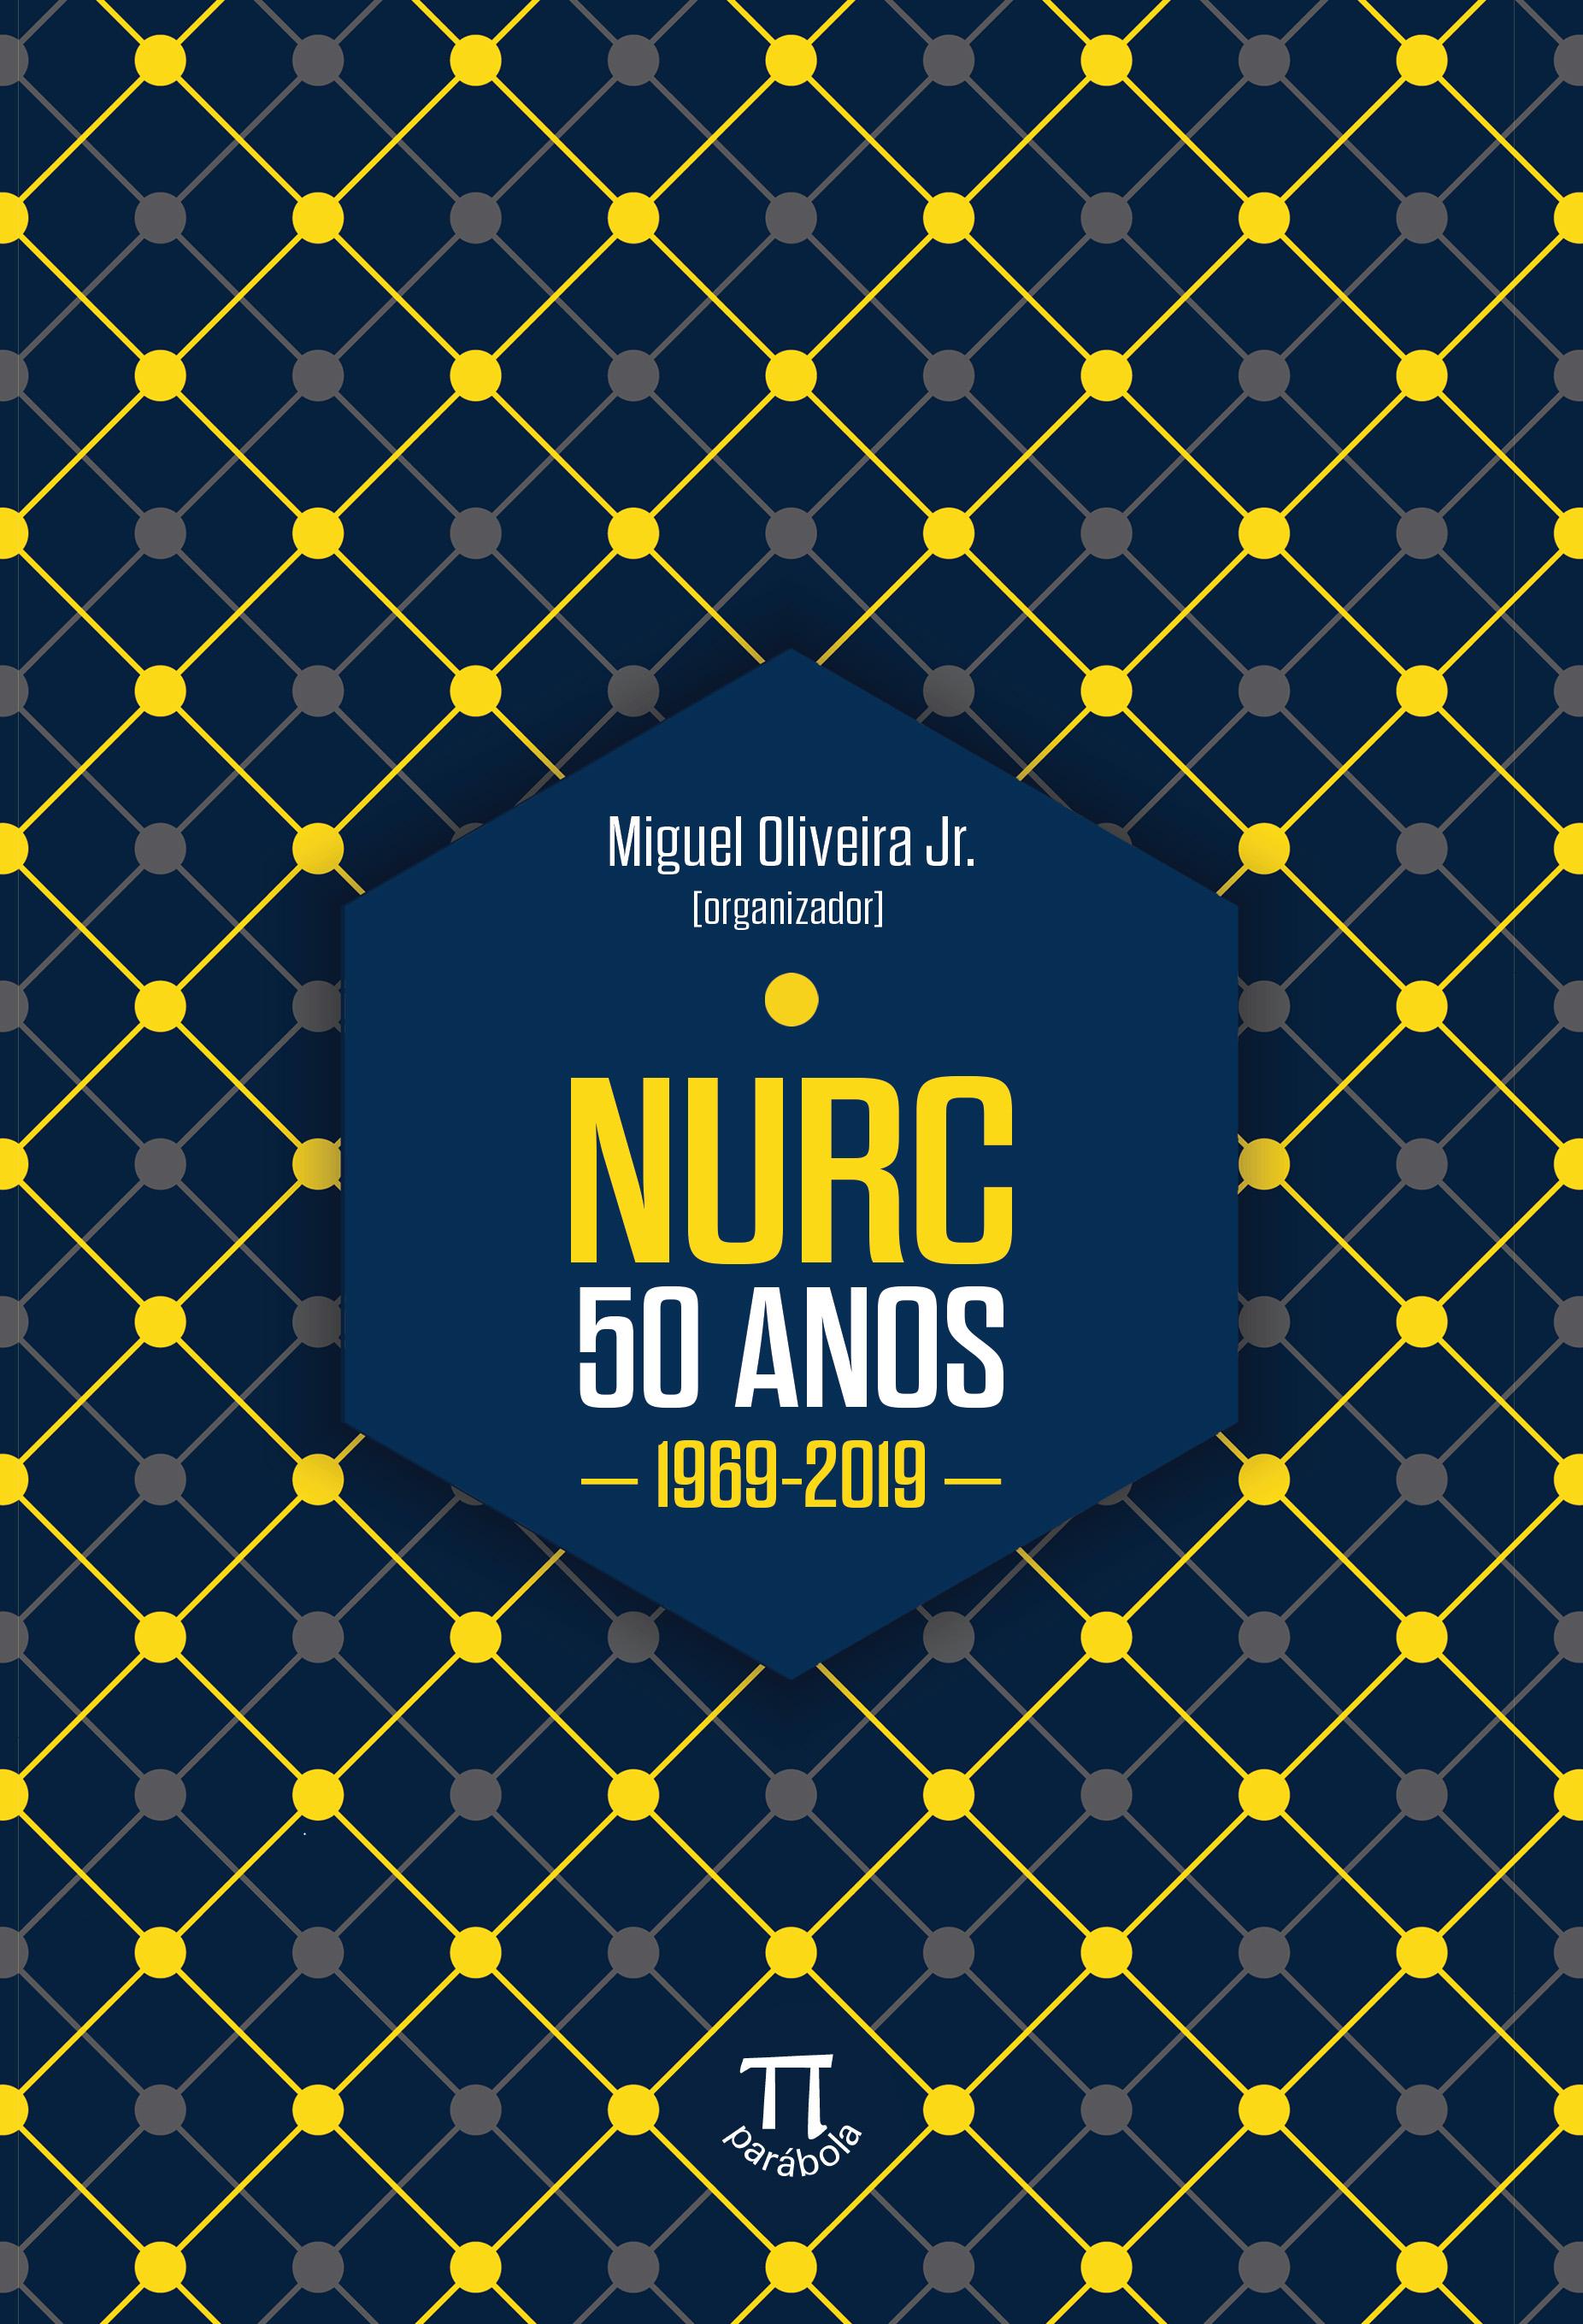 NURC - 50 anos, livro de Miguel Oliveira Jr. (org.)